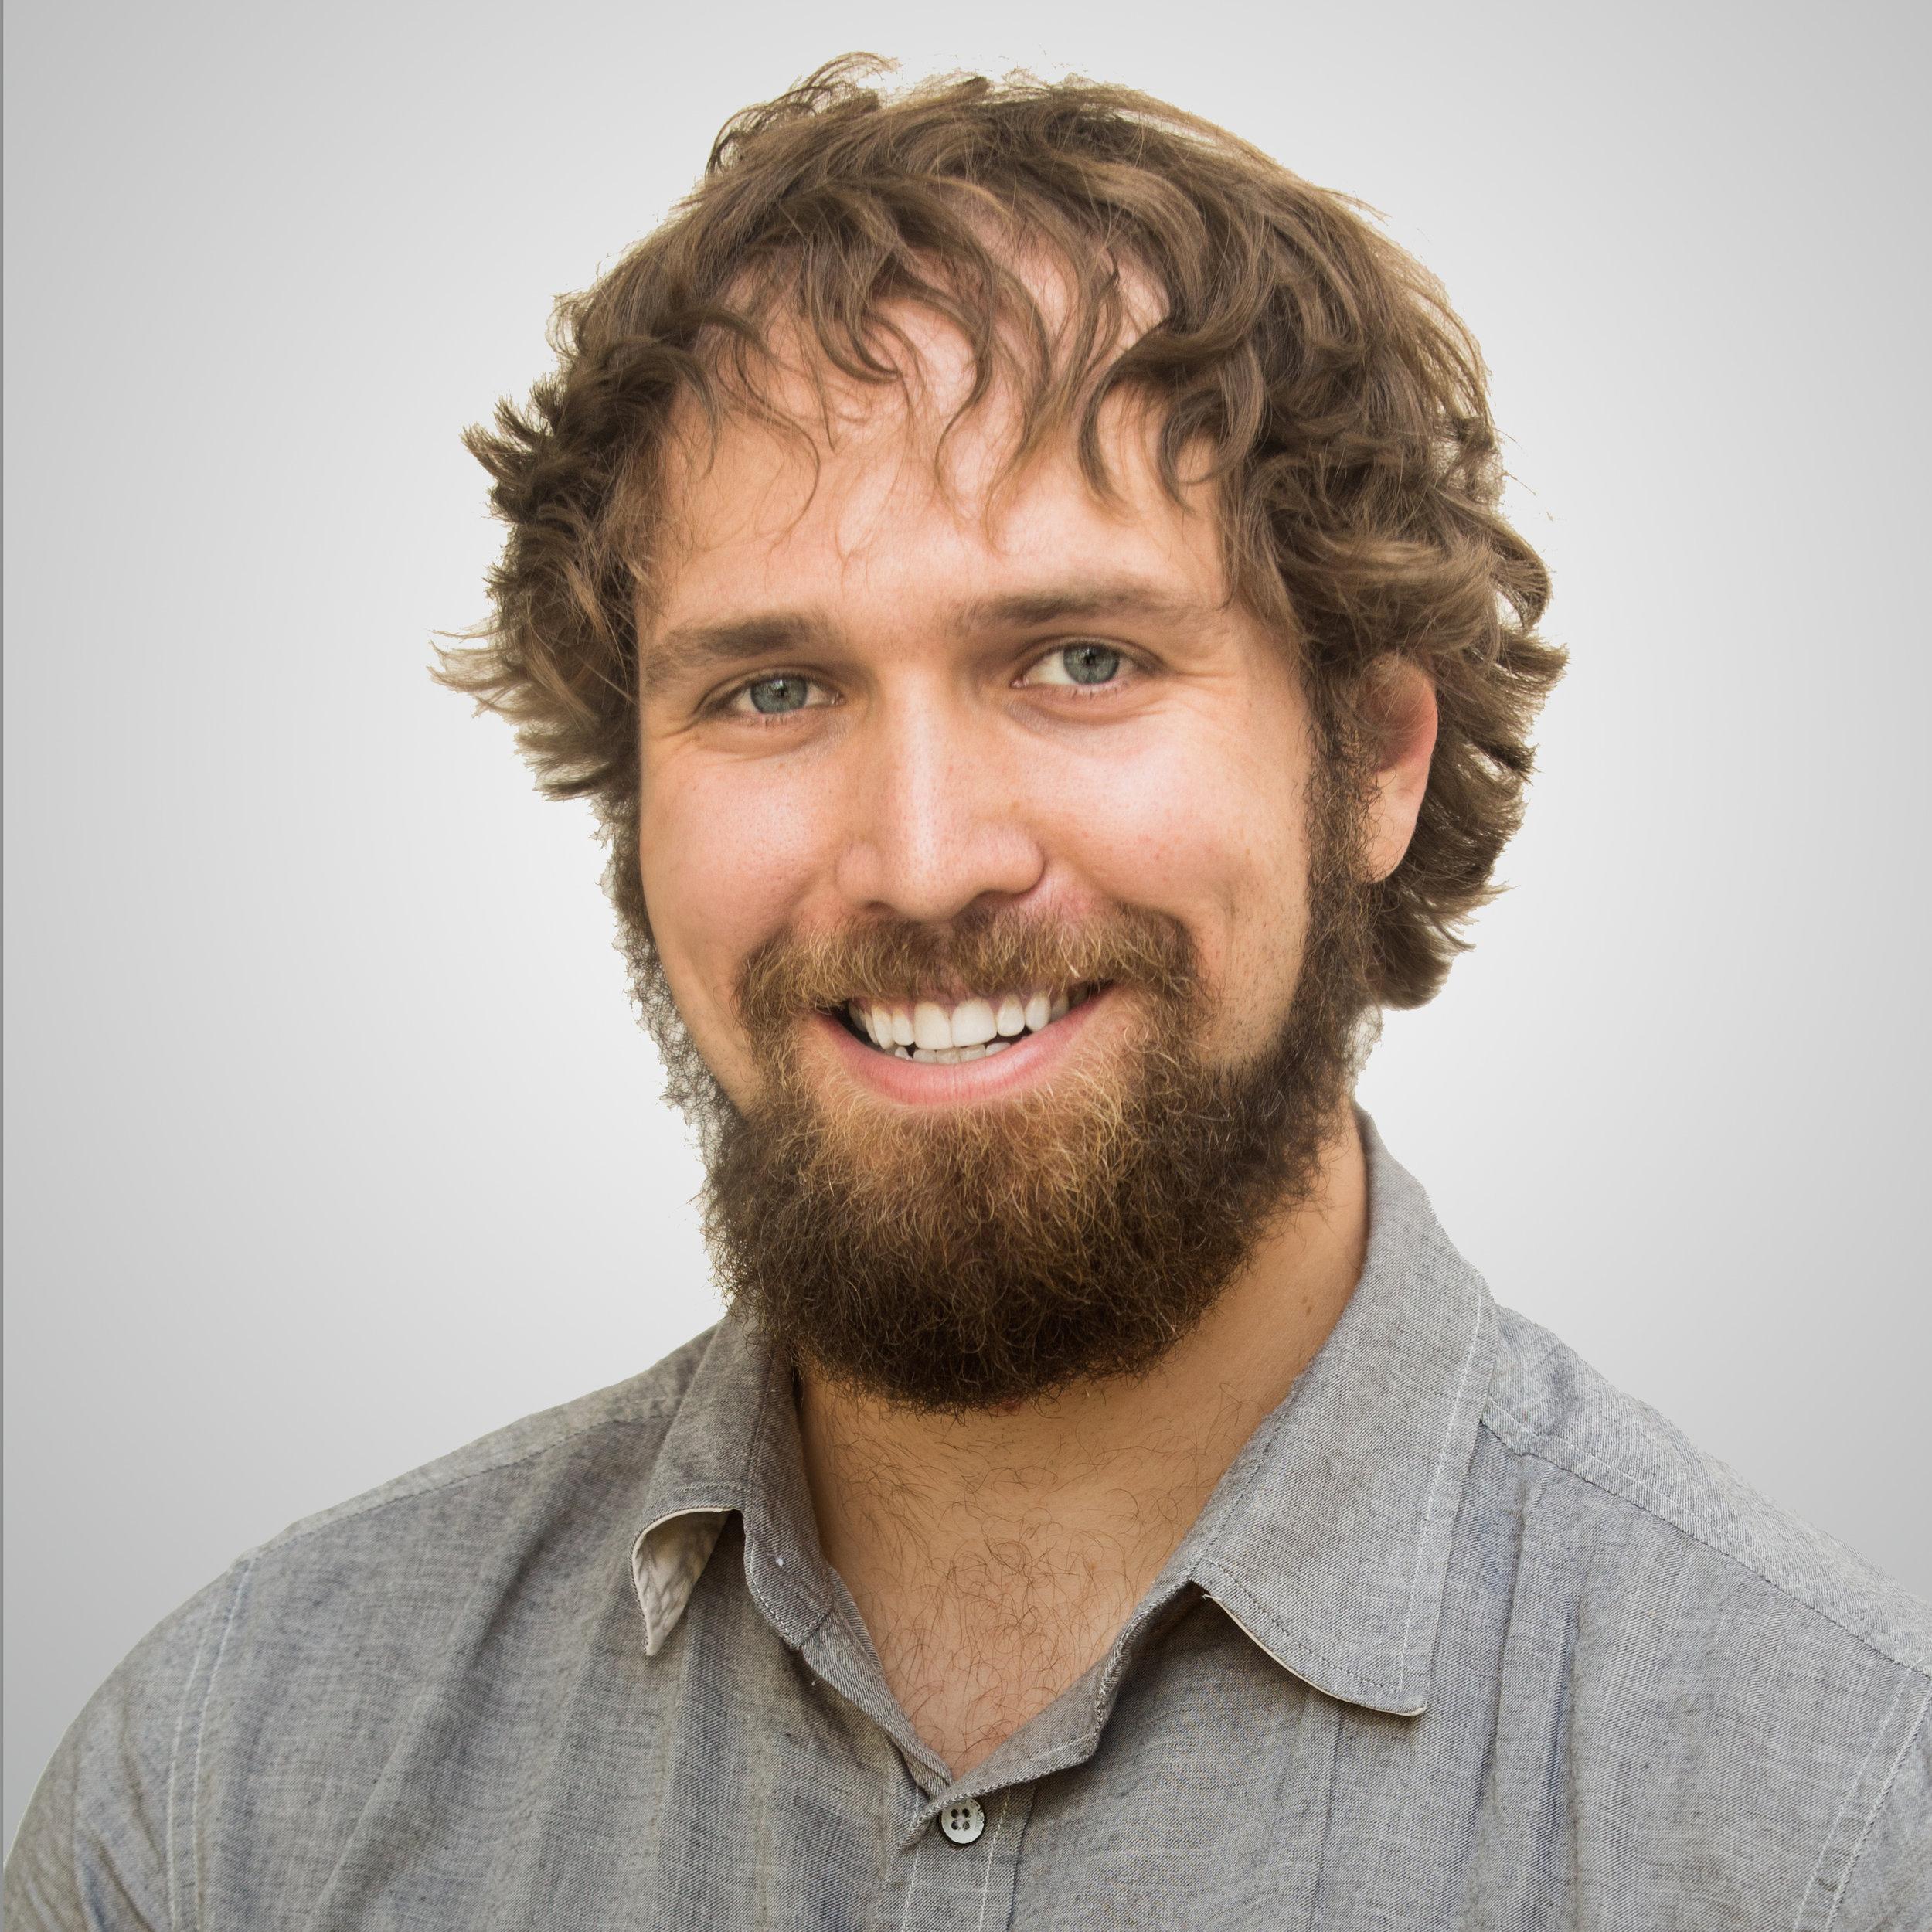 Dana Maher - Co-Founder & CTO